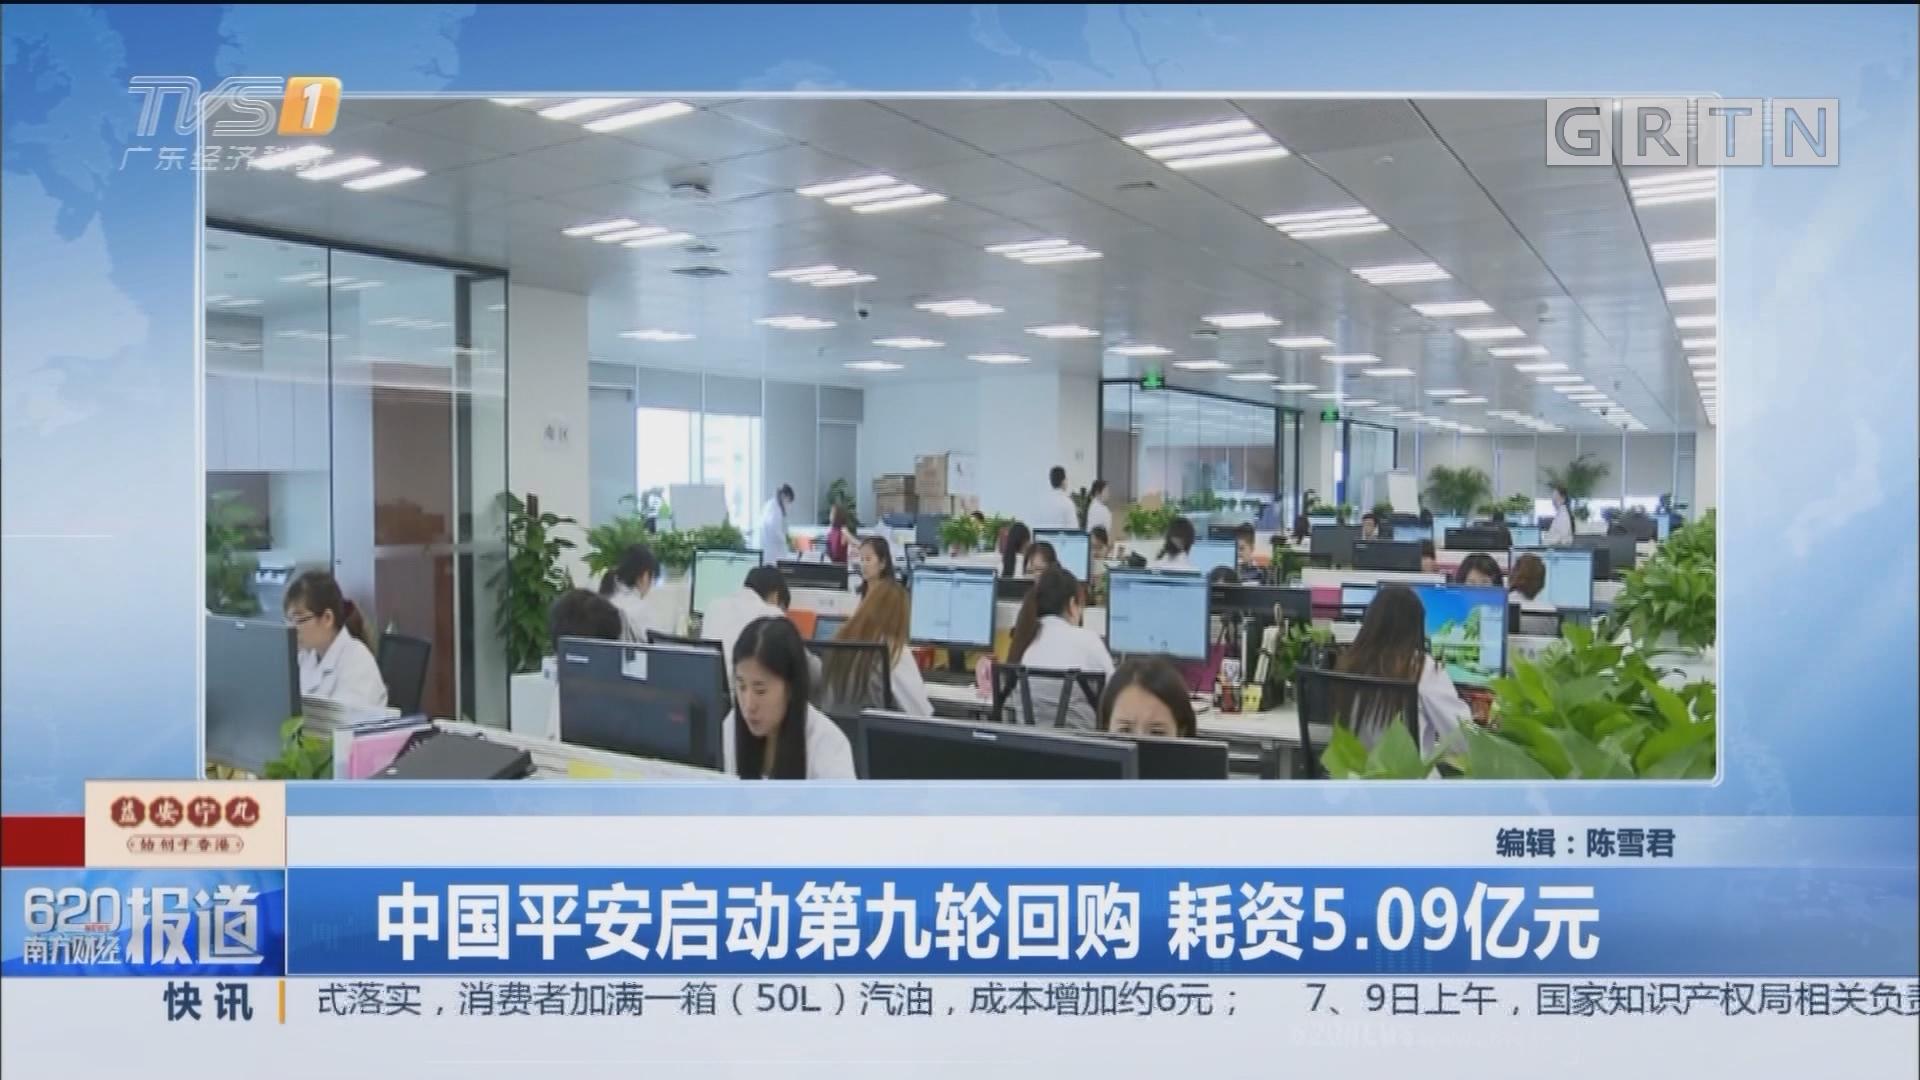 中国平安启动第九轮回购 耗资5.09亿元